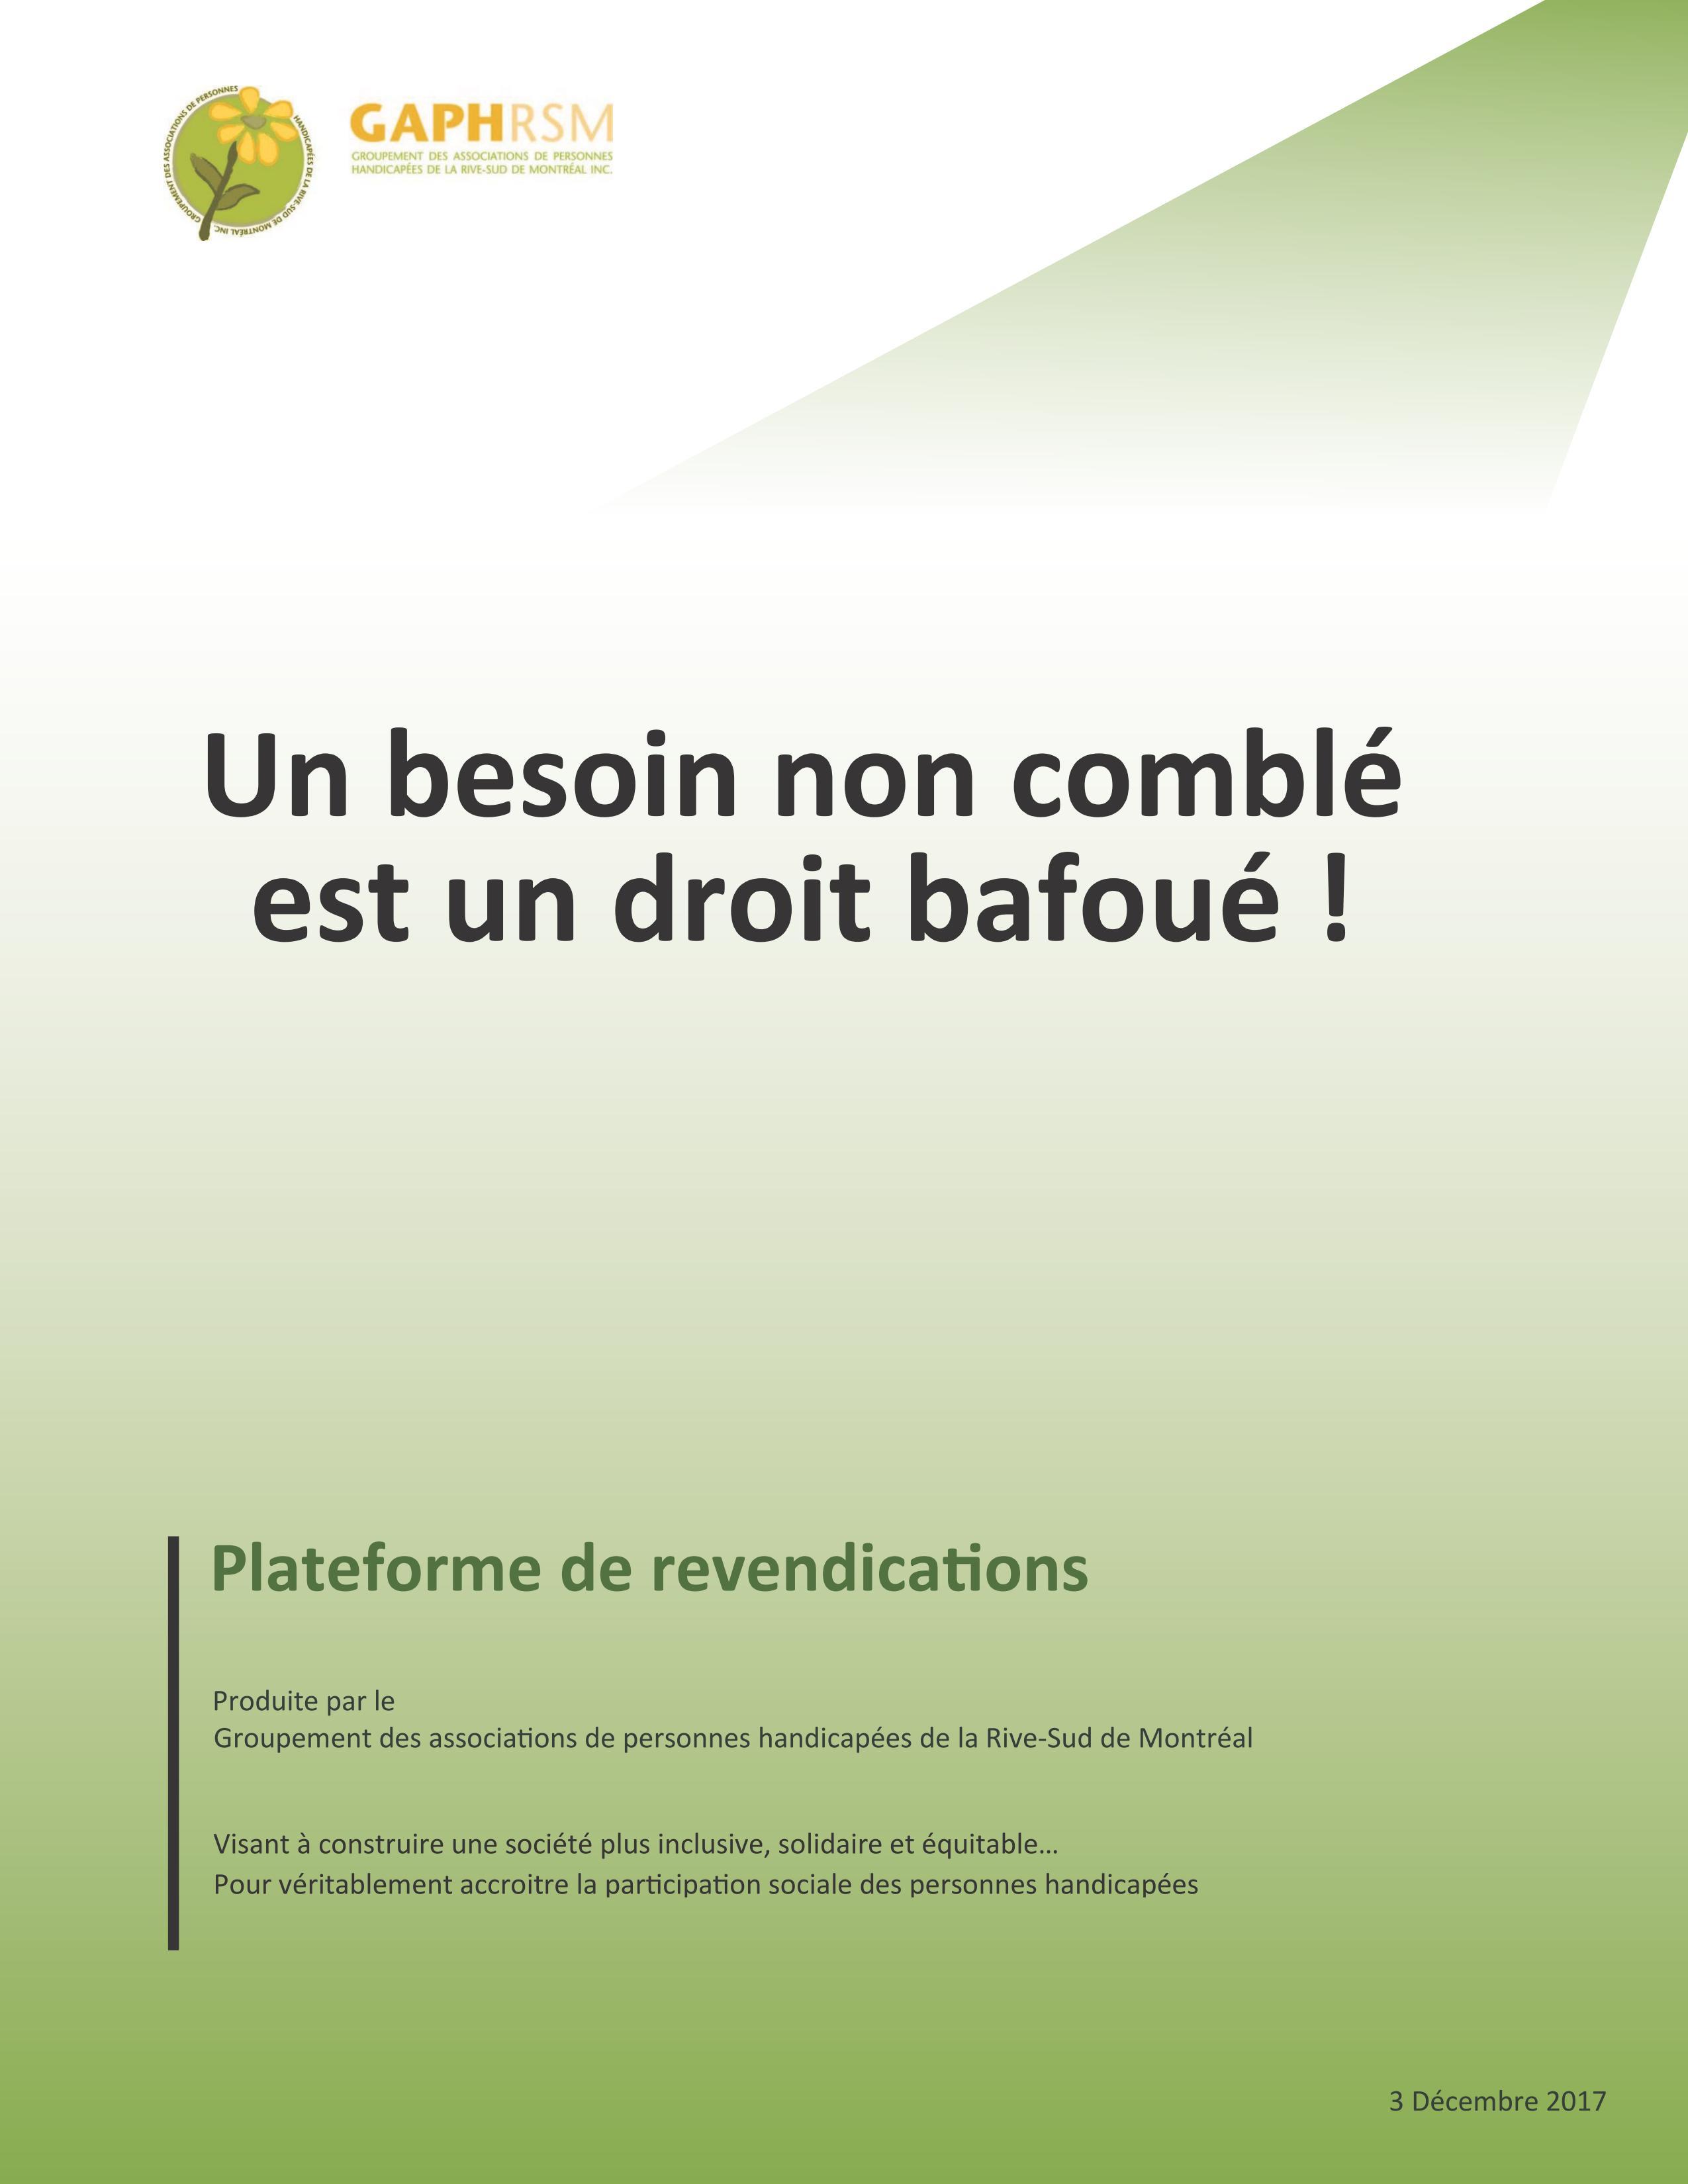 UN BESOIN NON COMBLÉ EST UN DROIT BAFOUÉ ! PLATEFORME DE REVENDICATIONS (VERSION ACCESSIBLE)